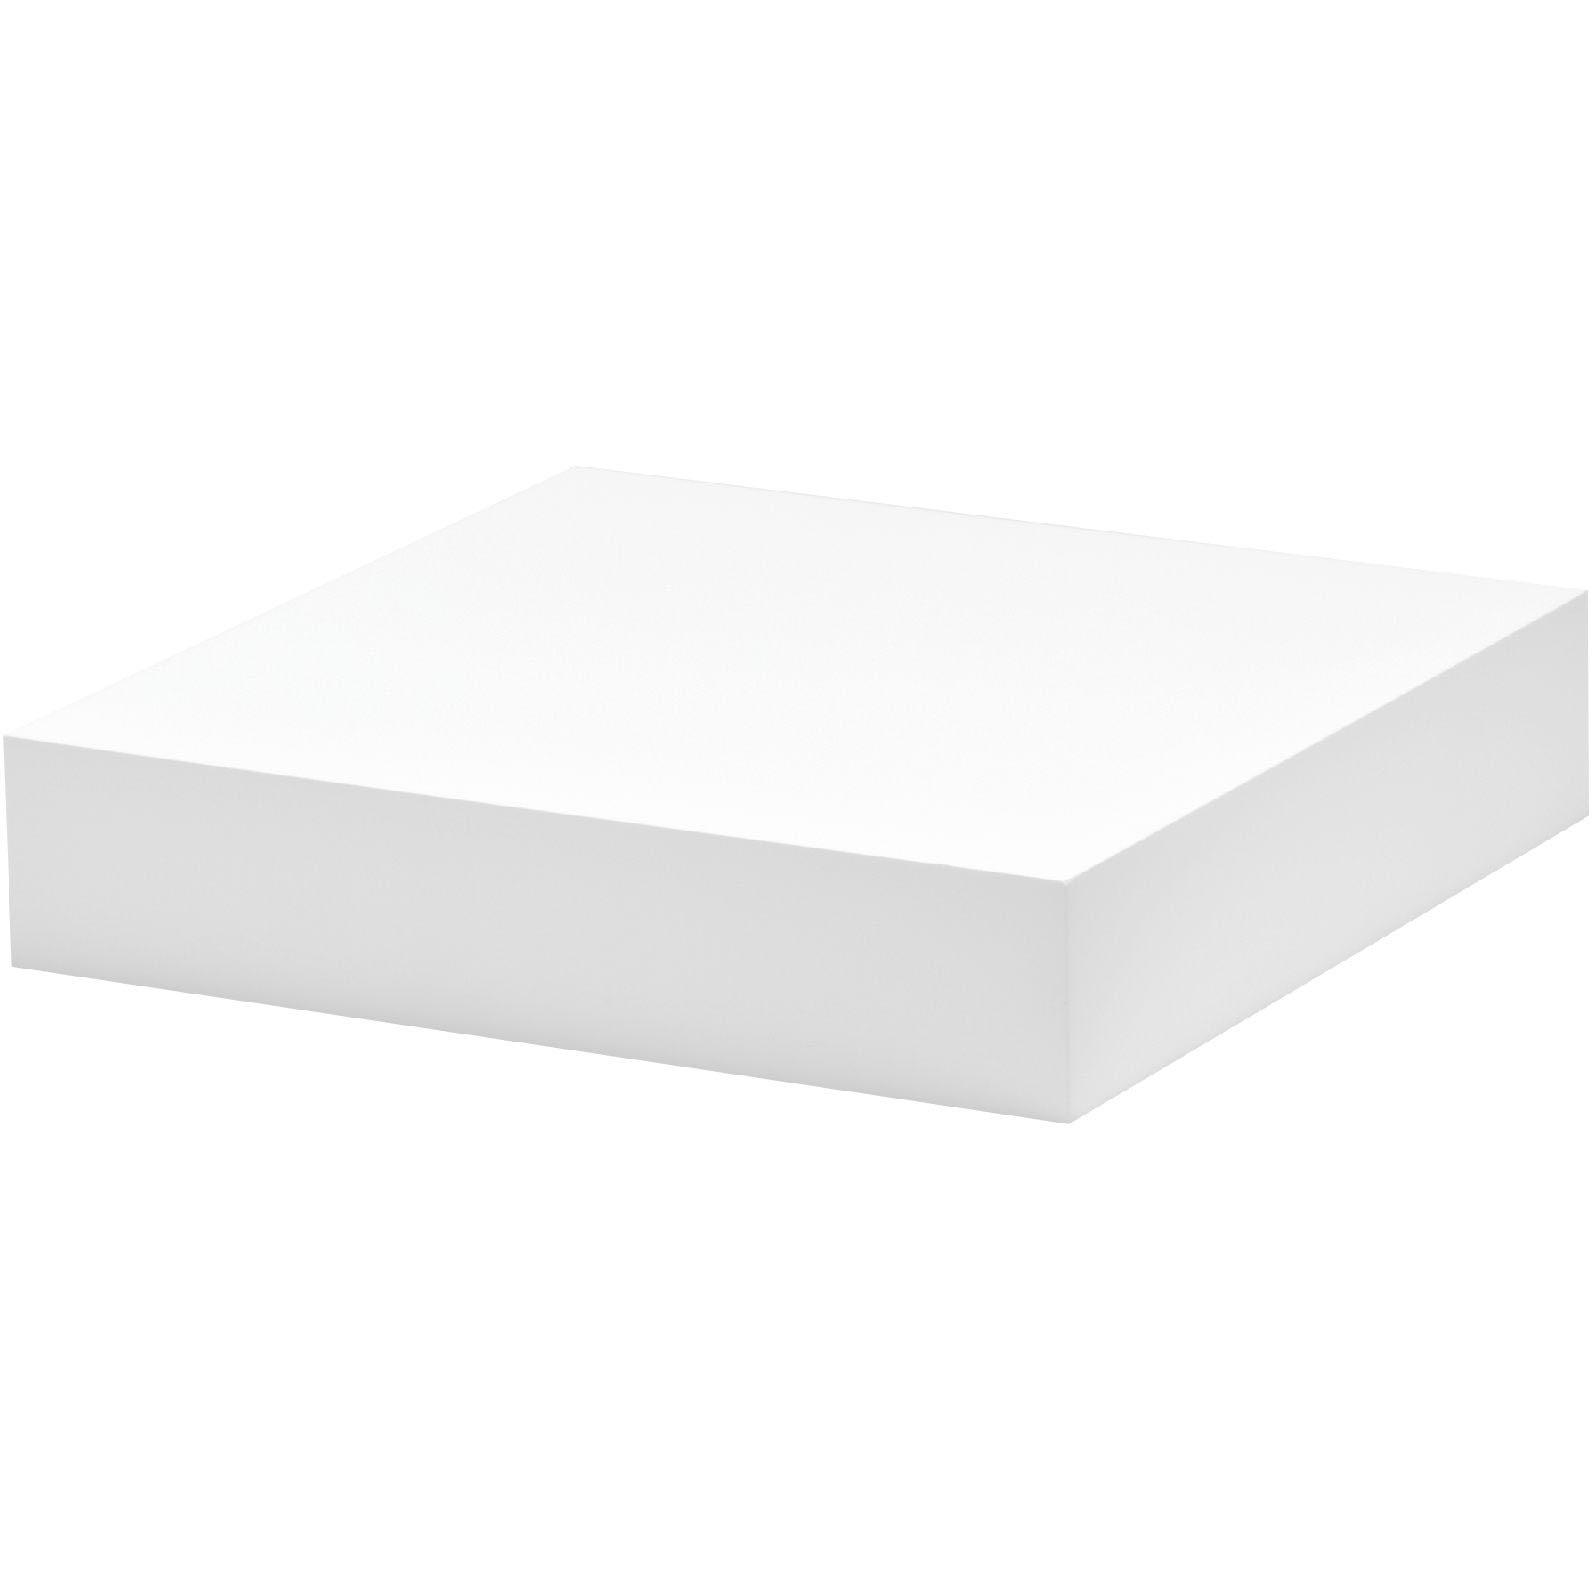 White Floating Shelf Kit 250x250x50mm